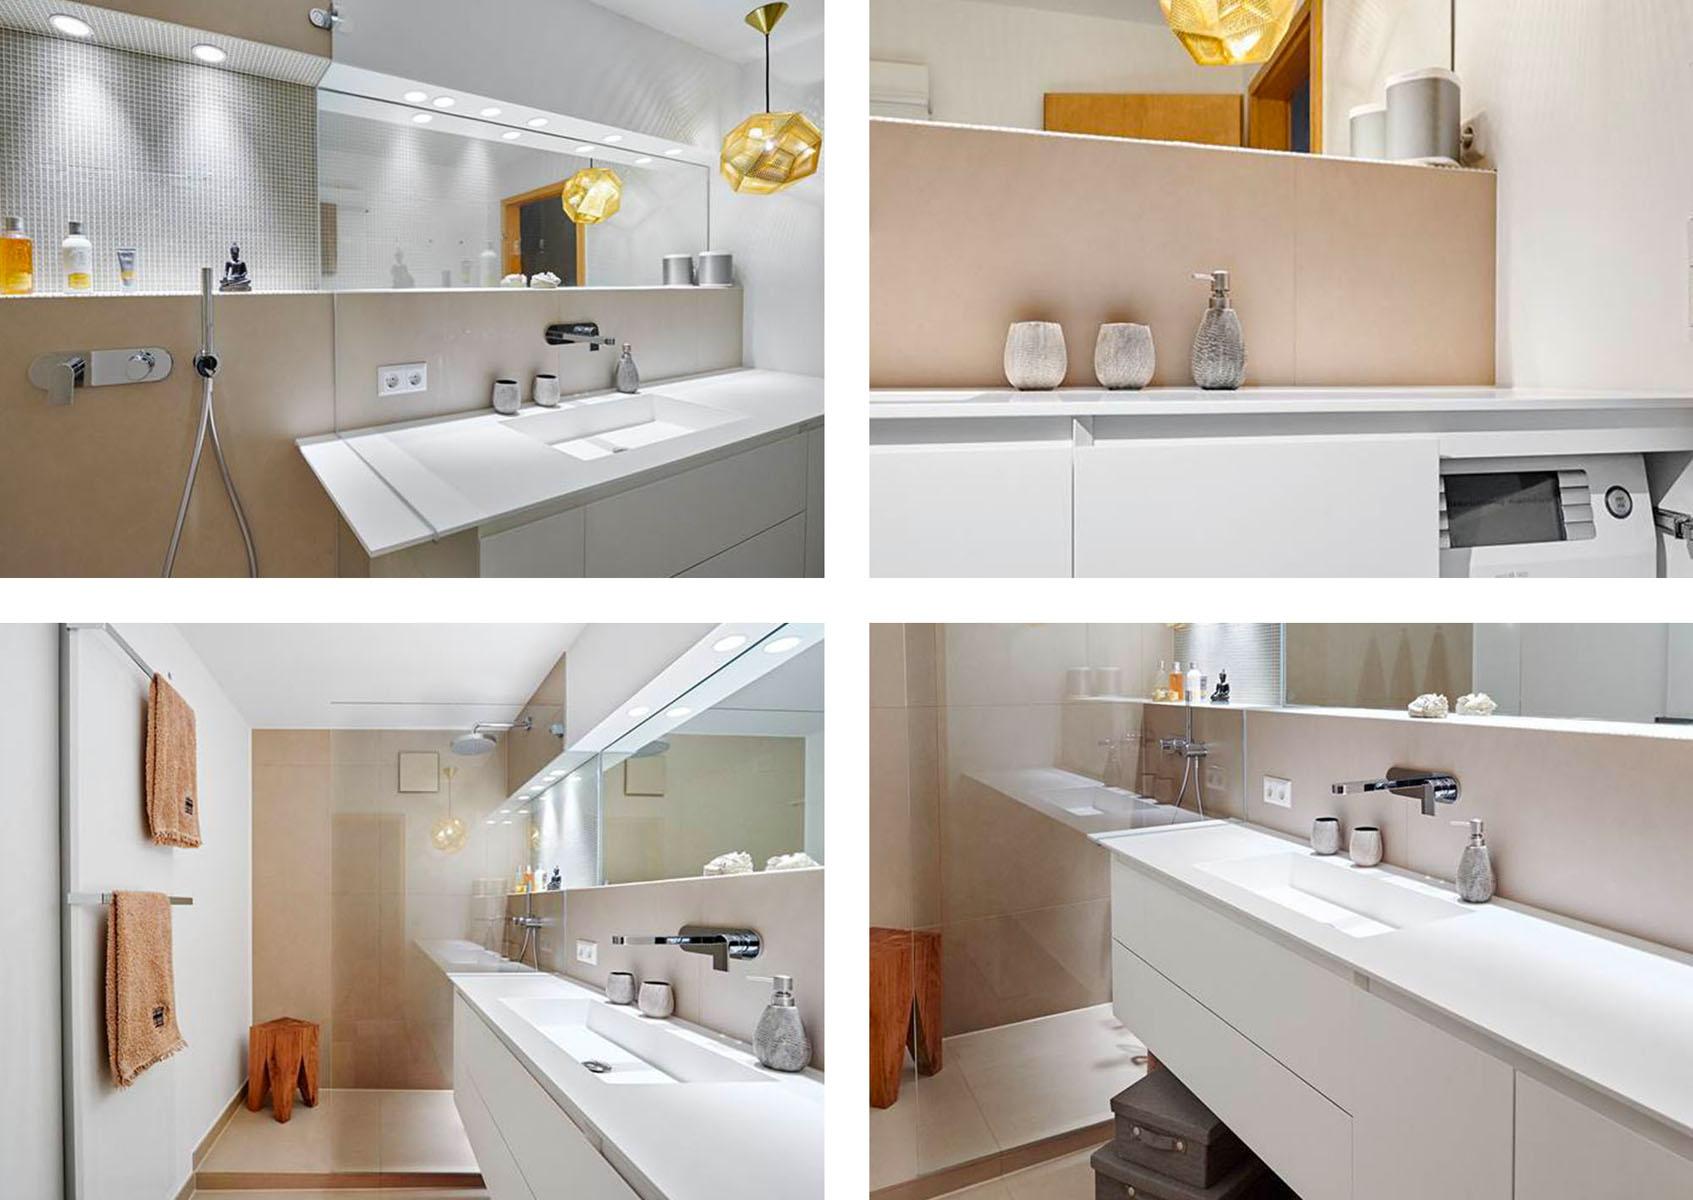 Bagno Piccolo Di Design : Come rinnovare o ristrutturare un bagno piccolo ideagroup